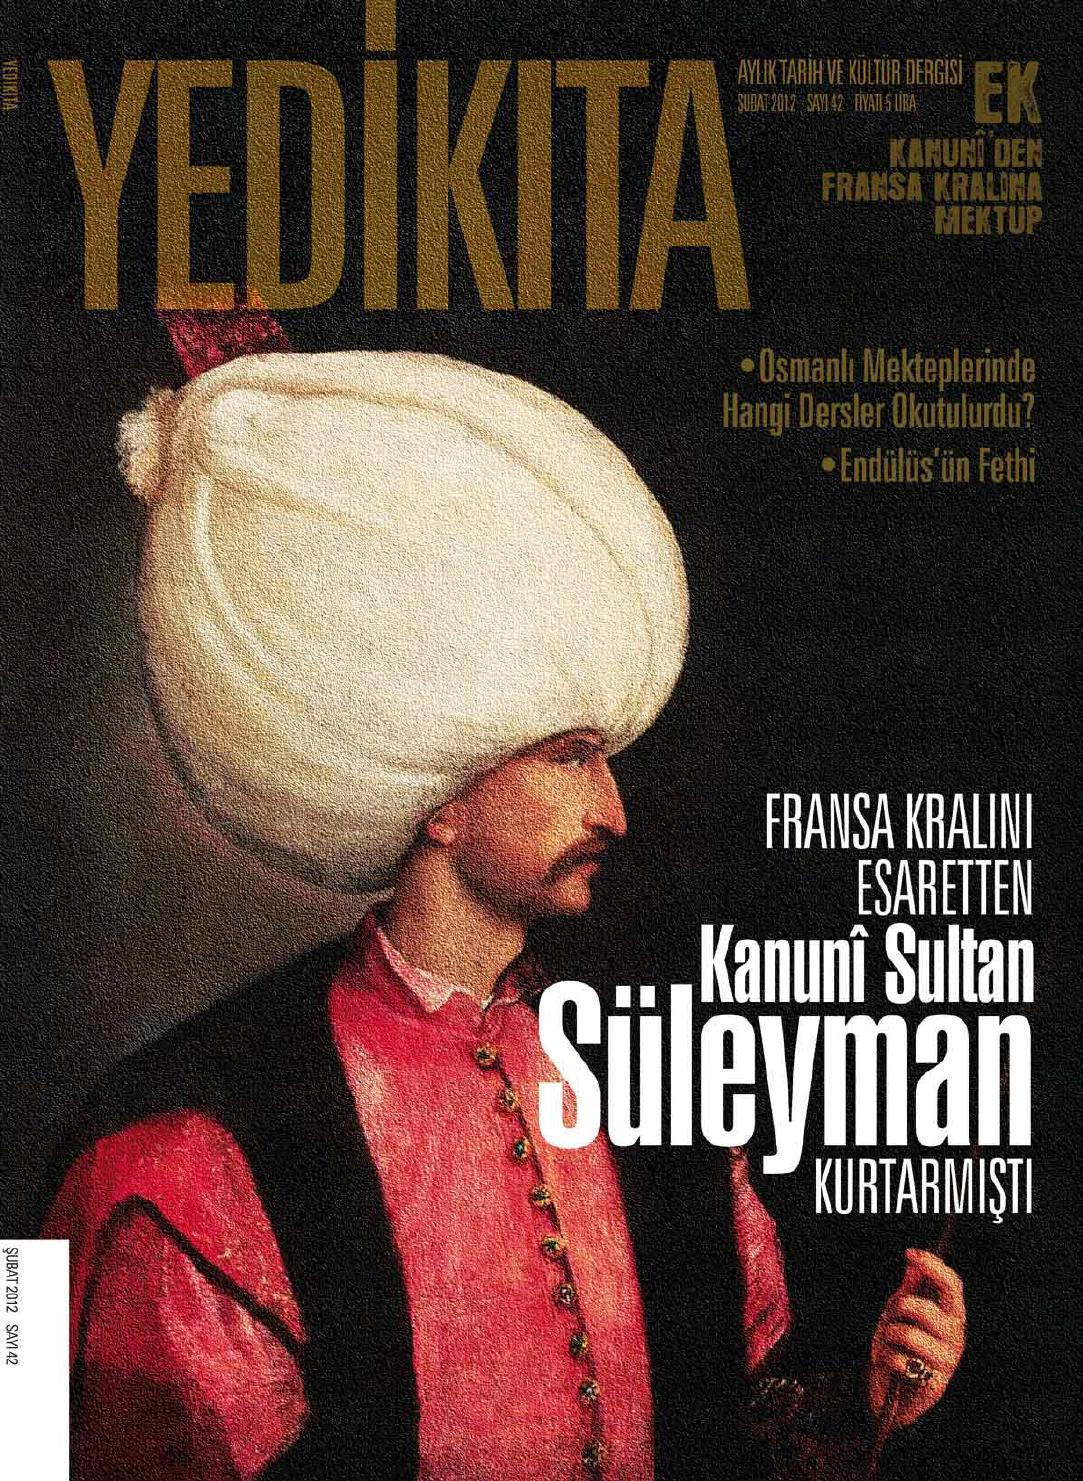 yedikıta tarih ve k252lt252r dergisi Şubat 2012 by selmank